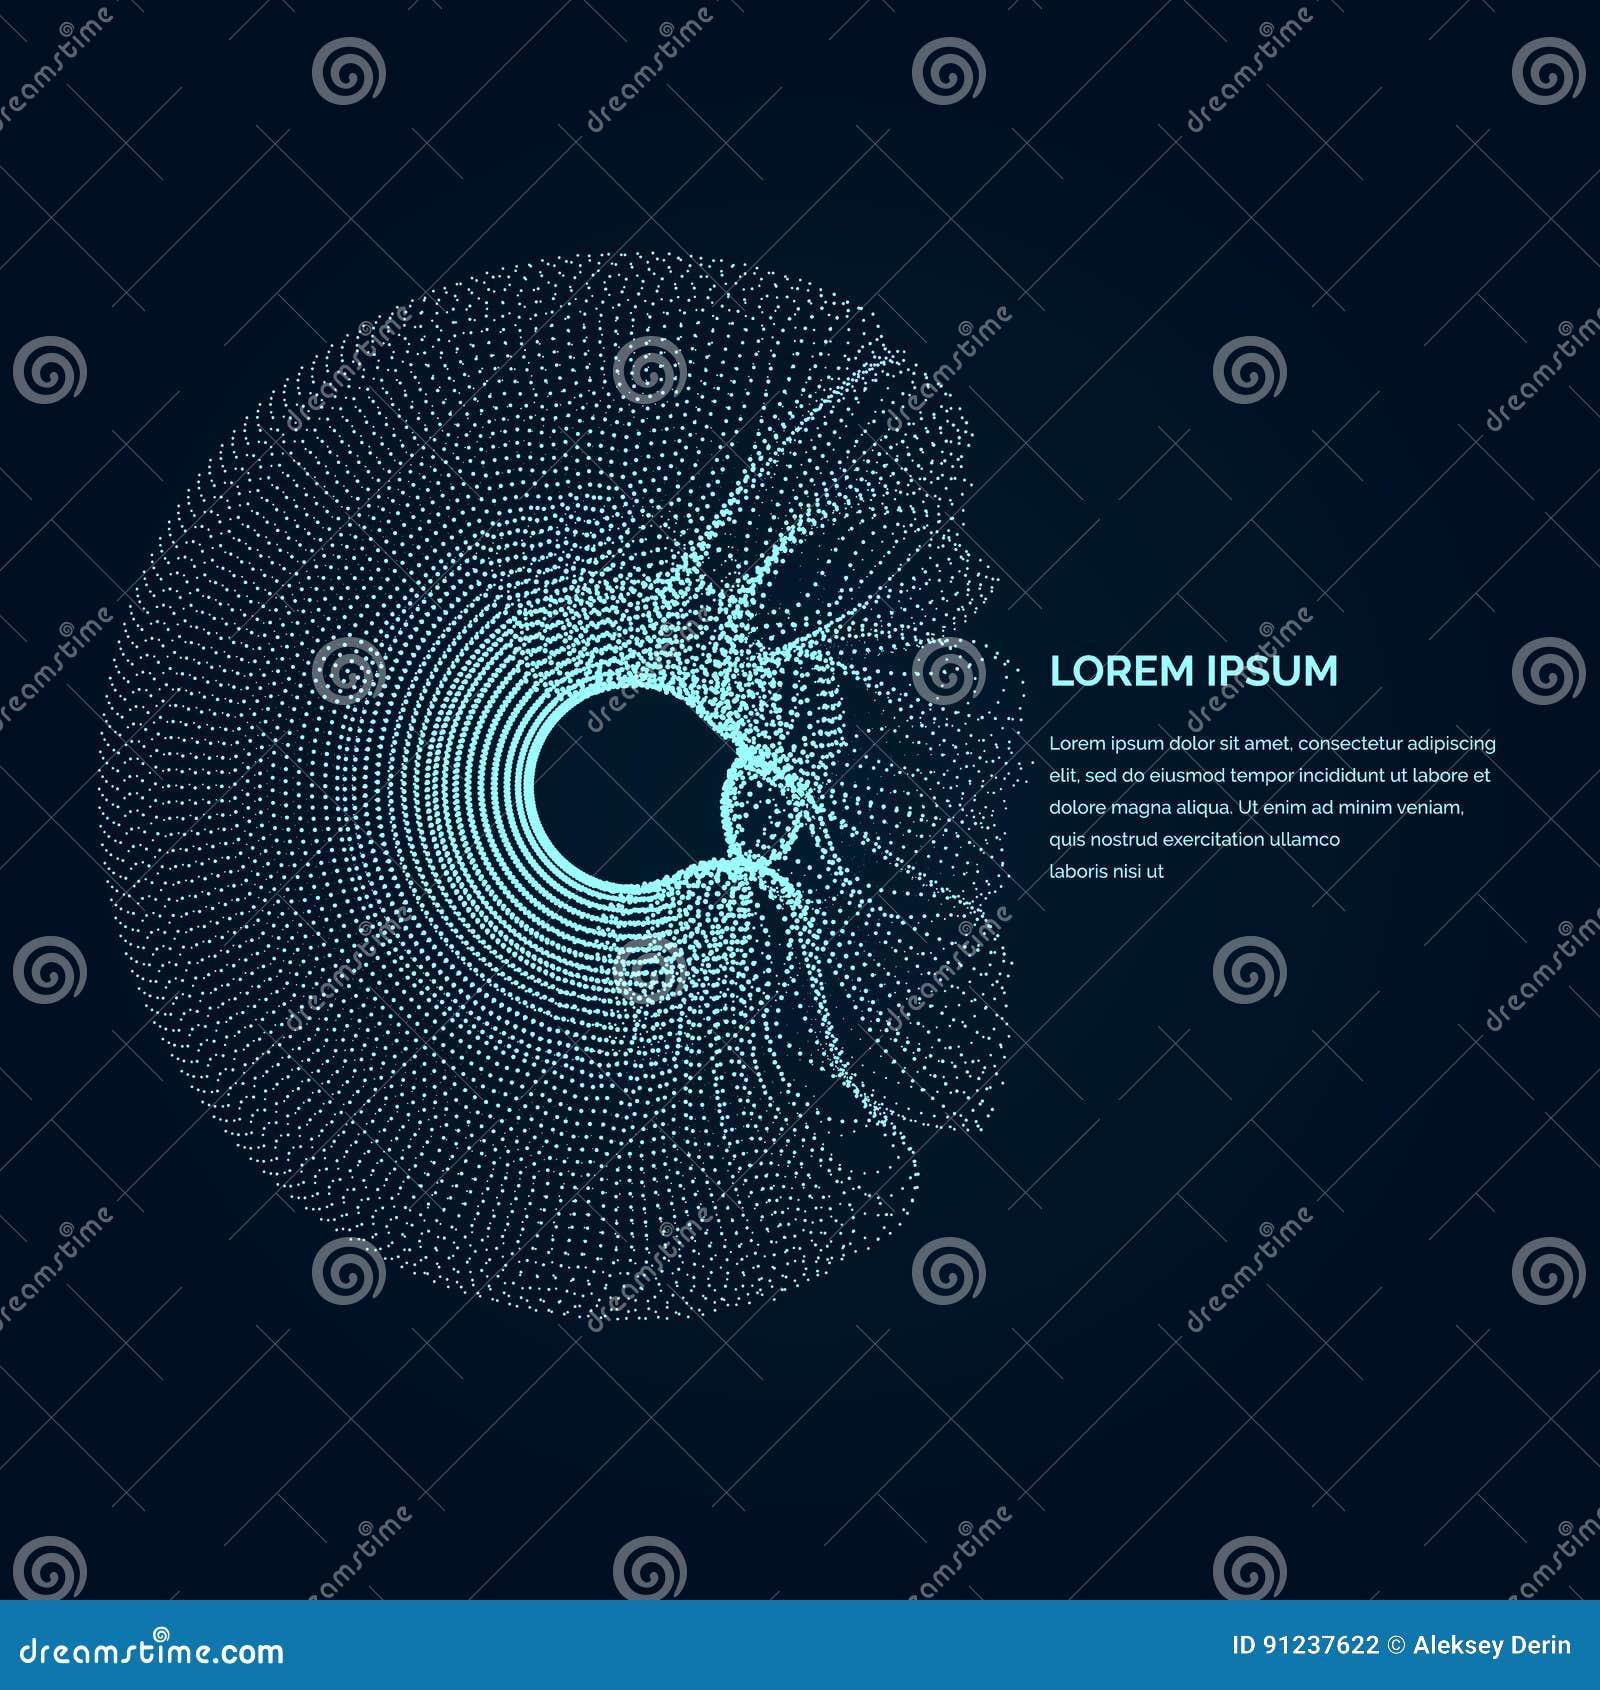 Современная иллюстрация с деформированной формой круга частиц